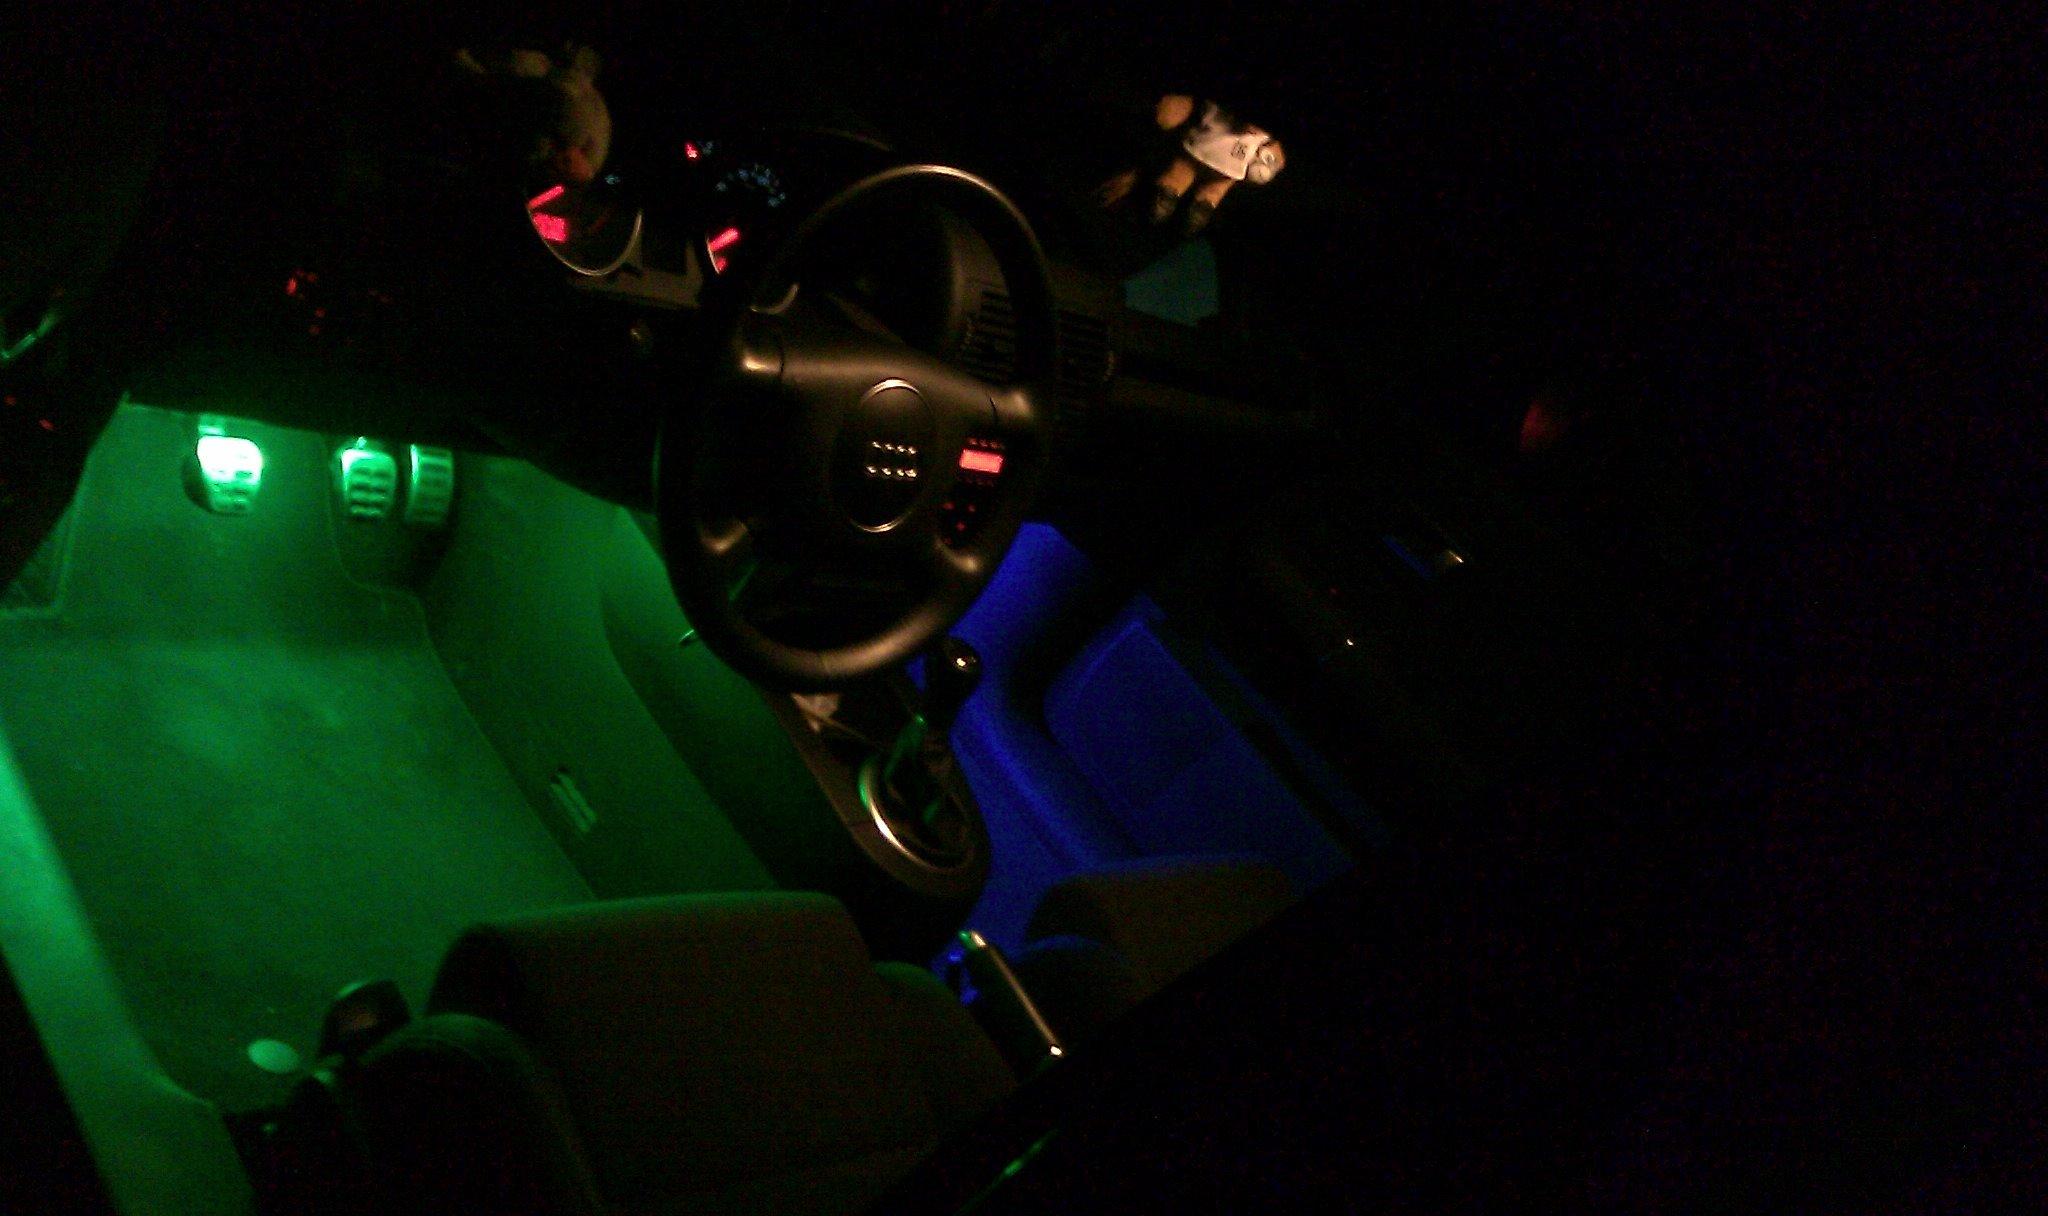 Fußraumbeleuchtung